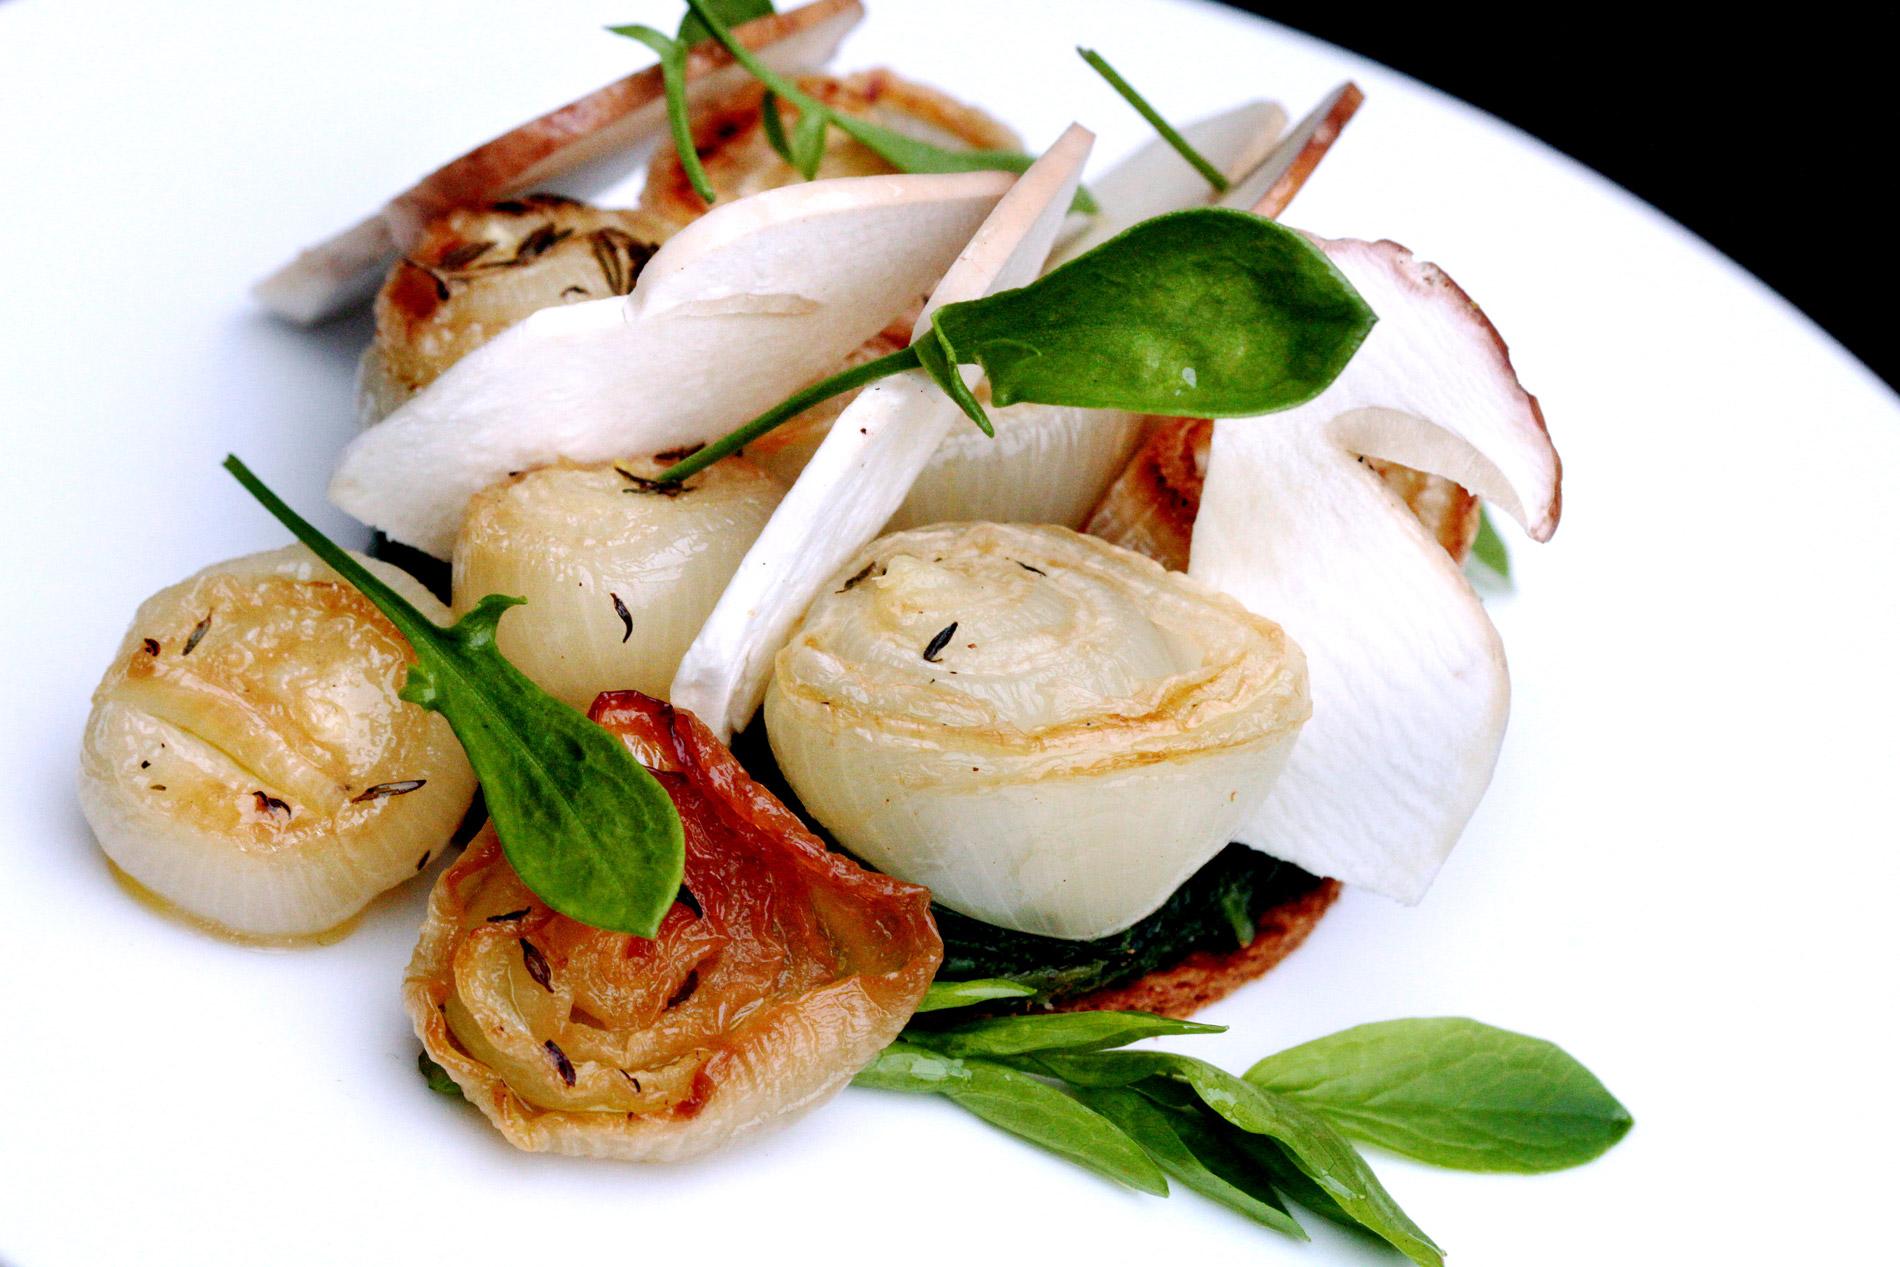 Tarte fine d'oignons doux des Cévennes, cèpes et épinards au citron confit